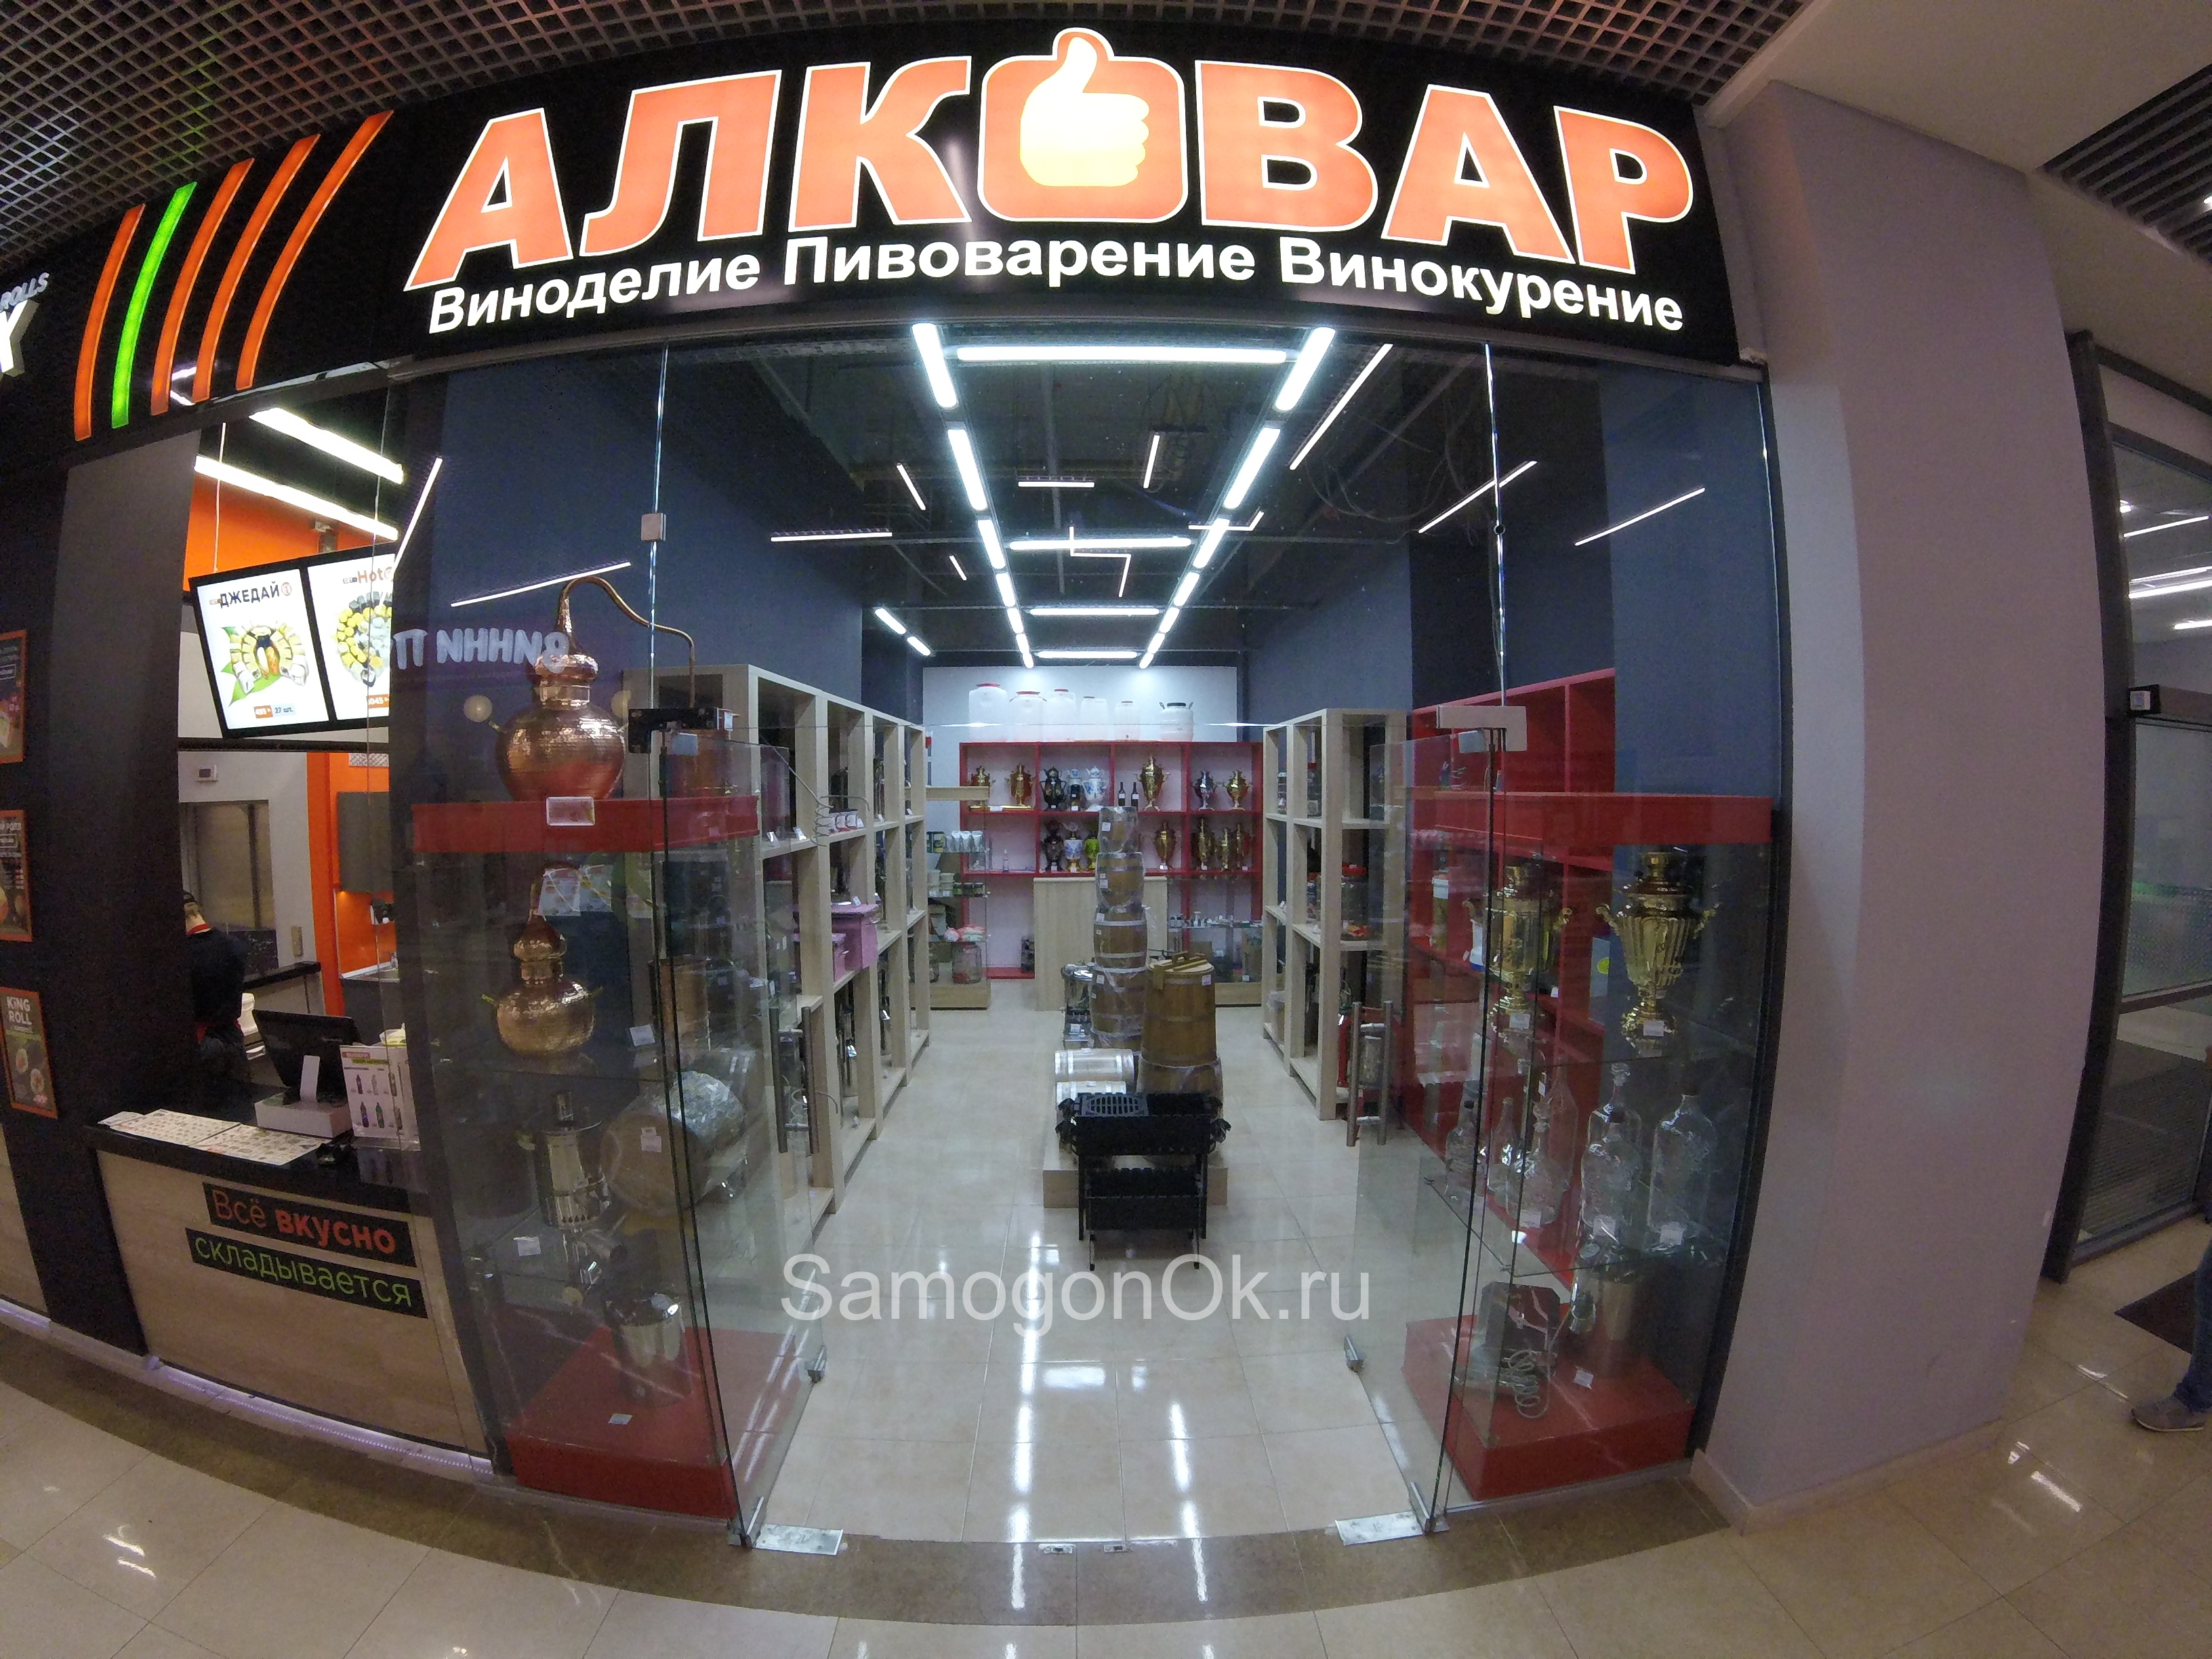 Магазин АЛКОВАР от SamogonOk.ru в Уфе на Бакалинской возле ЛЕНТЫ